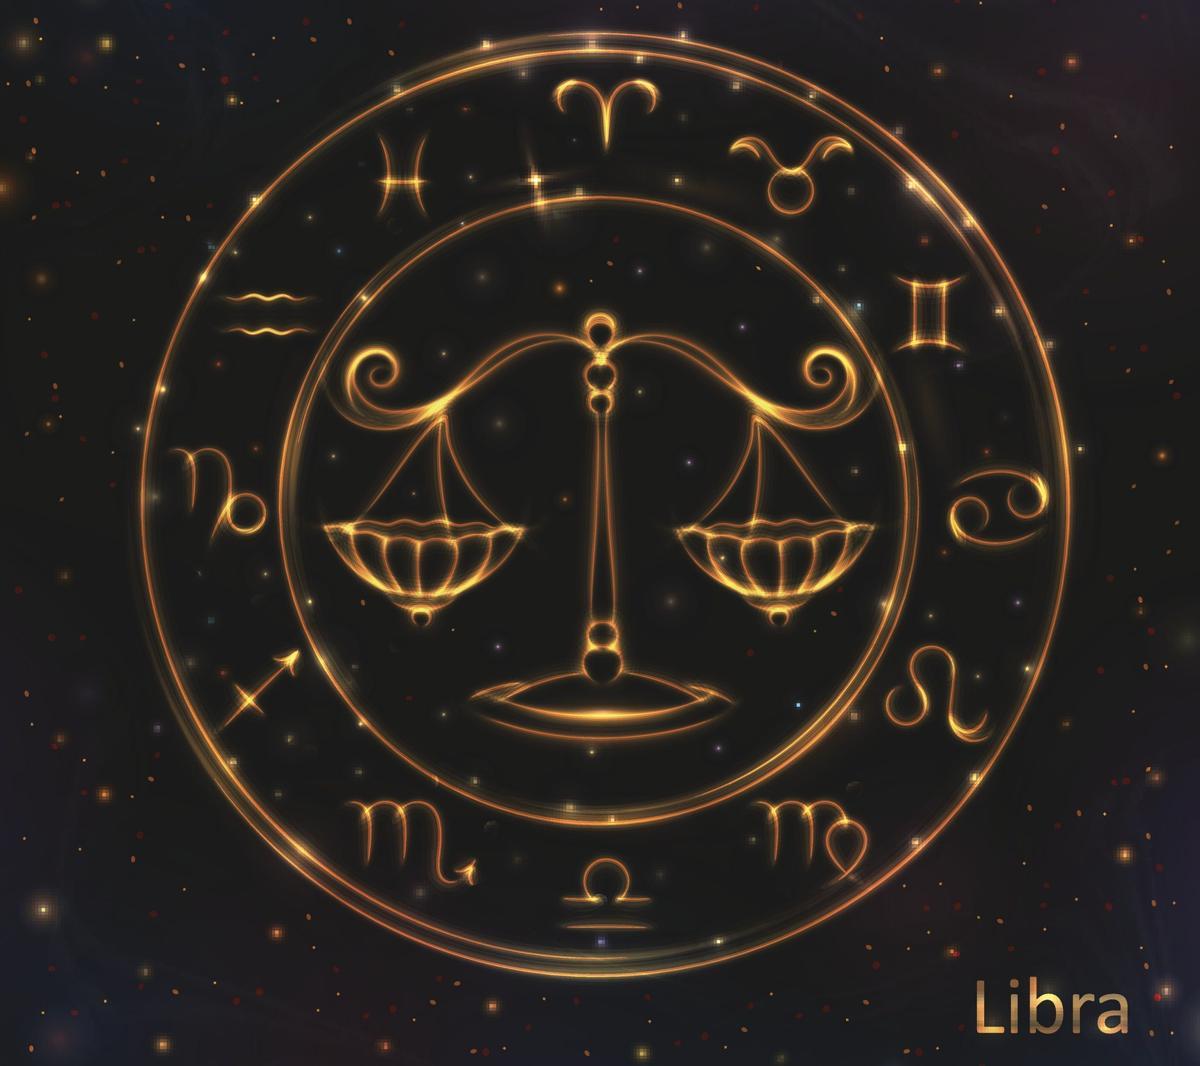 Исторически личности по знакам зодиака: имя, род деятельности и дата рождения.